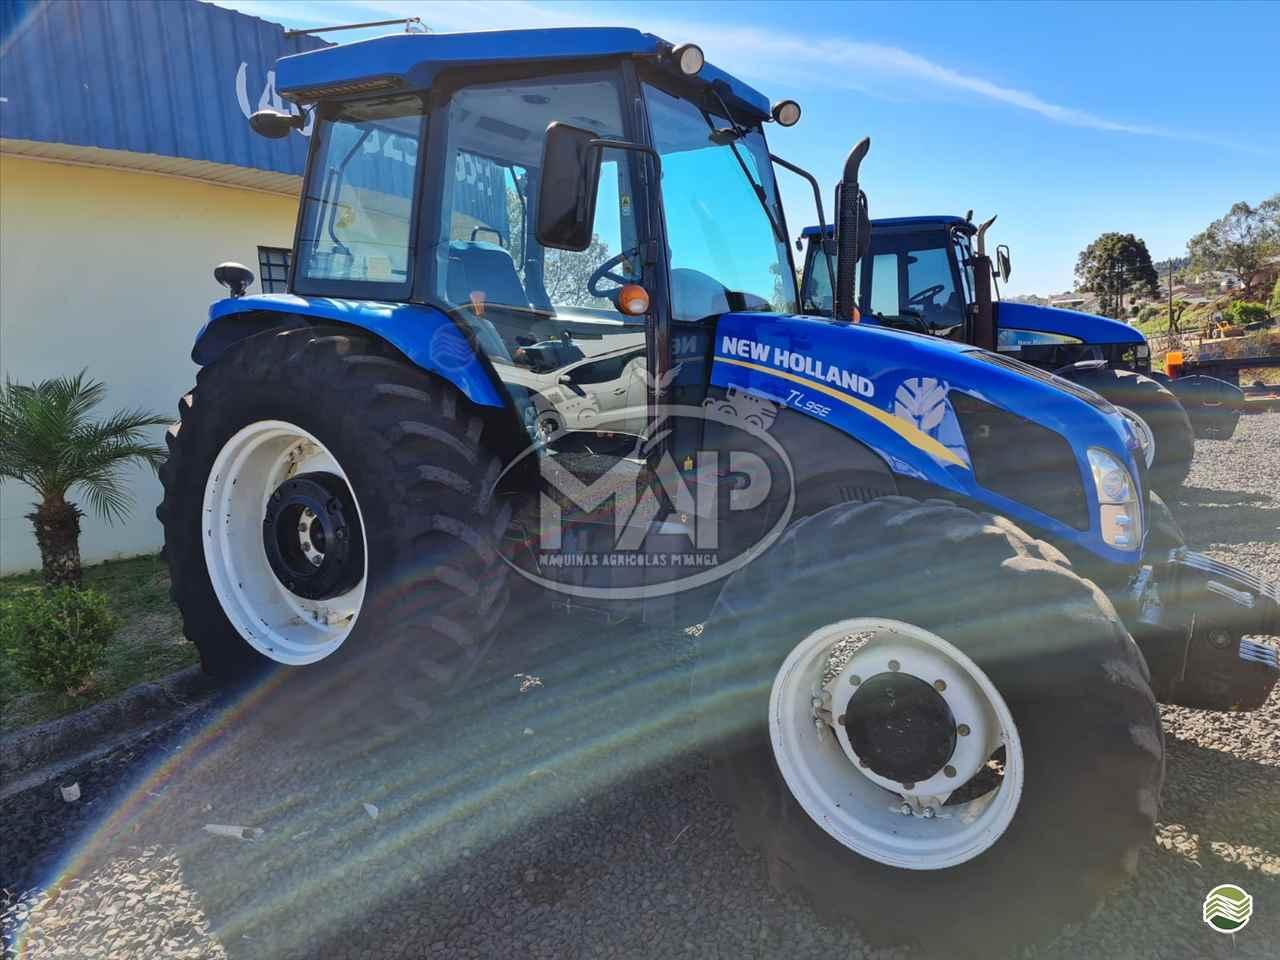 TRATOR NEW HOLLAND NEW TL 95 Tração 4x4 Máquinas Agrícolas Pitanga PITANGA PARANÁ PR